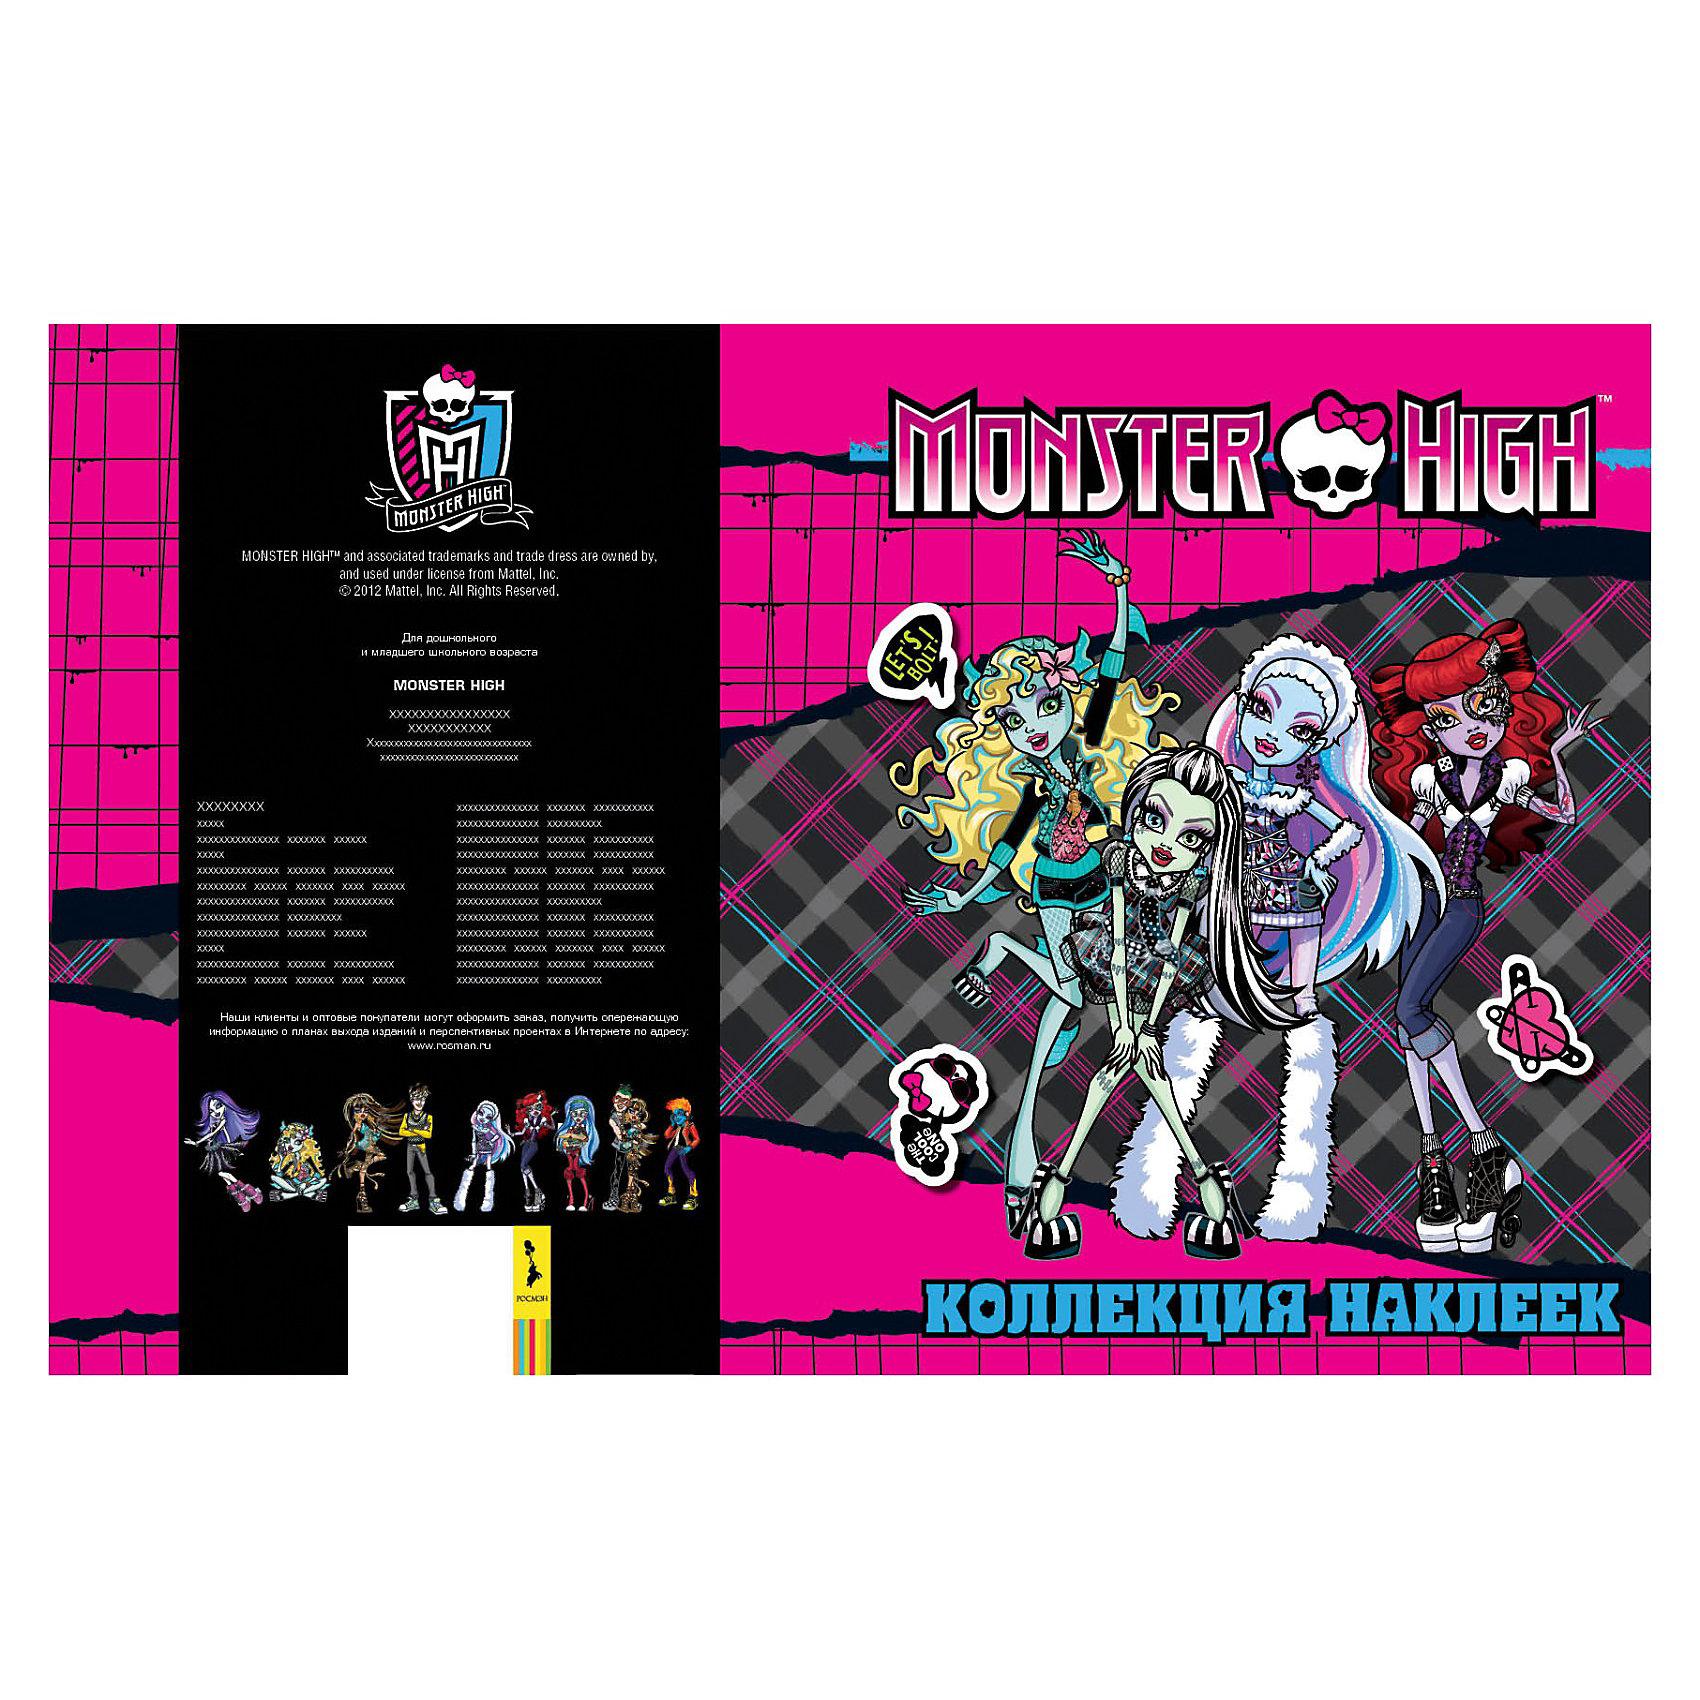 Коллекция наклеек , розовая, Monster HighРосмэн<br>Коллекция наклеек , розовая, Monster High (Монстер Хай) - это коллекция красивых, интересных и ярких стикеров с героинями мультсериала «Monster High» Школа Монстров. Такая книжка с мягким переплетом понравится любому ребёнку, который любит смотреть мультсериал о монстрах «Monster High». В альбоме героини мультсериала в сногсшибательных нарядах и модных аксессуарах, которые не оставят равнодушной ни одну девочку. Наклейками можно украсить тетради, дневники, книги или свою комнату.<br>Наклейки с любимыми героями - лучший подарок!<br><br>Дополнительная информация:<br><br>- коллекция наклеек идеальный подарок фанатам  любимого мультфильма: Школа Монстров;<br>- размер упаковки: 27,5 х 20 х 0,2 см;<br>- вес: 60 г. <br><br>Коллекцию наклеек , розовая, Monster High (Монстер Хай) можно купить в нашем интернет-магазине.<br><br>Ширина мм: 273<br>Глубина мм: 200<br>Высота мм: 2<br>Вес г: 60<br>Возраст от месяцев: 36<br>Возраст до месяцев: 72<br>Пол: Женский<br>Возраст: Детский<br>SKU: 3536300